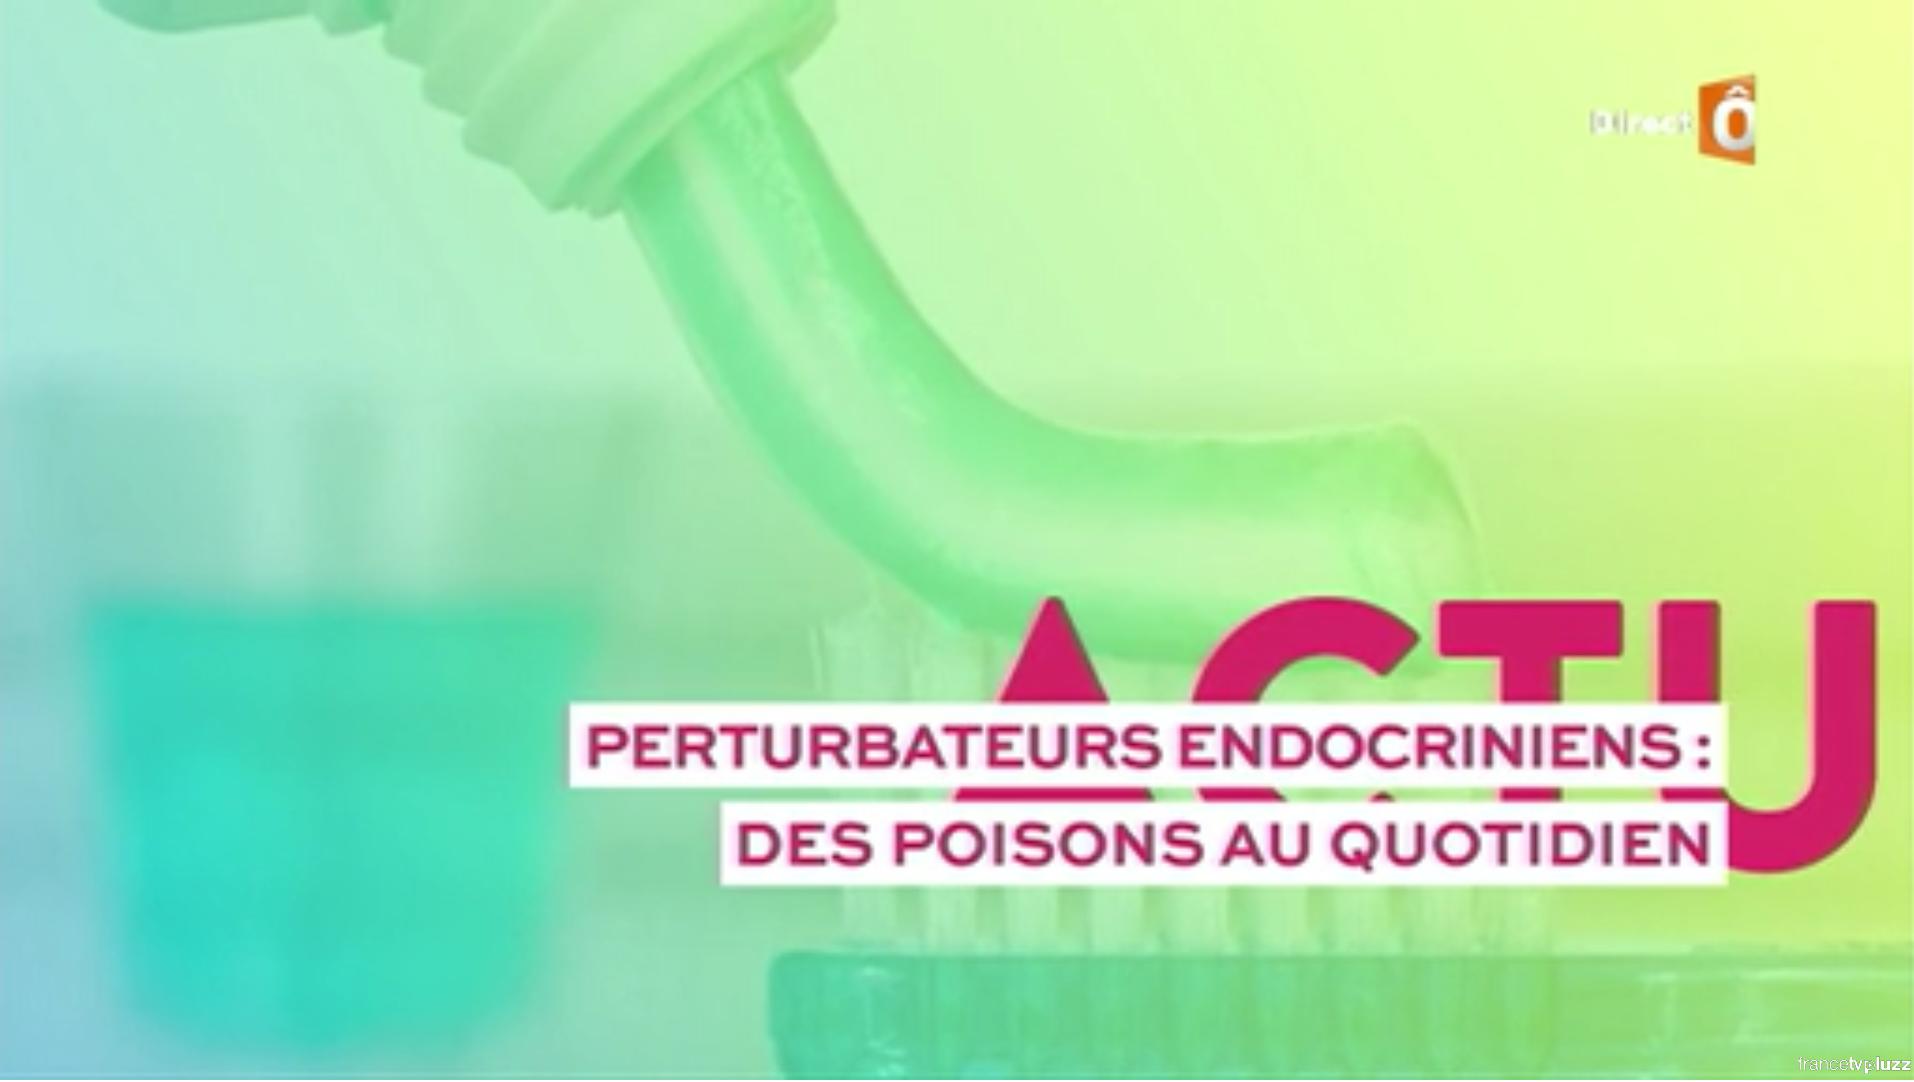 Perturbateurs endocriniens : des poisons au quotidien